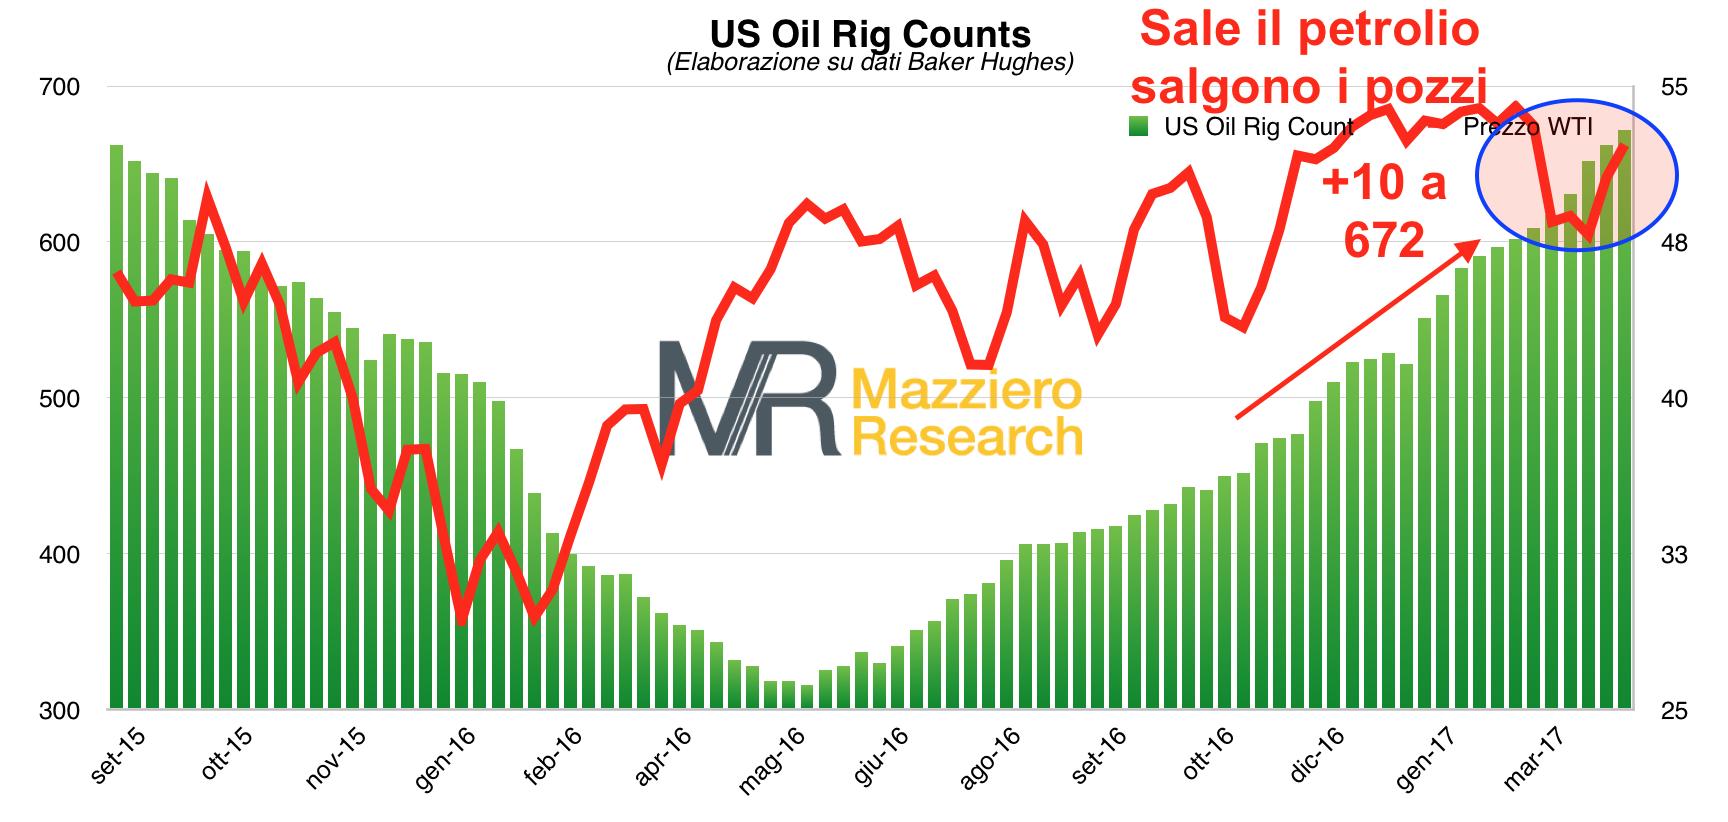 Grafico prezzo petrolio e pozzi in funzione negli Stati Uniti